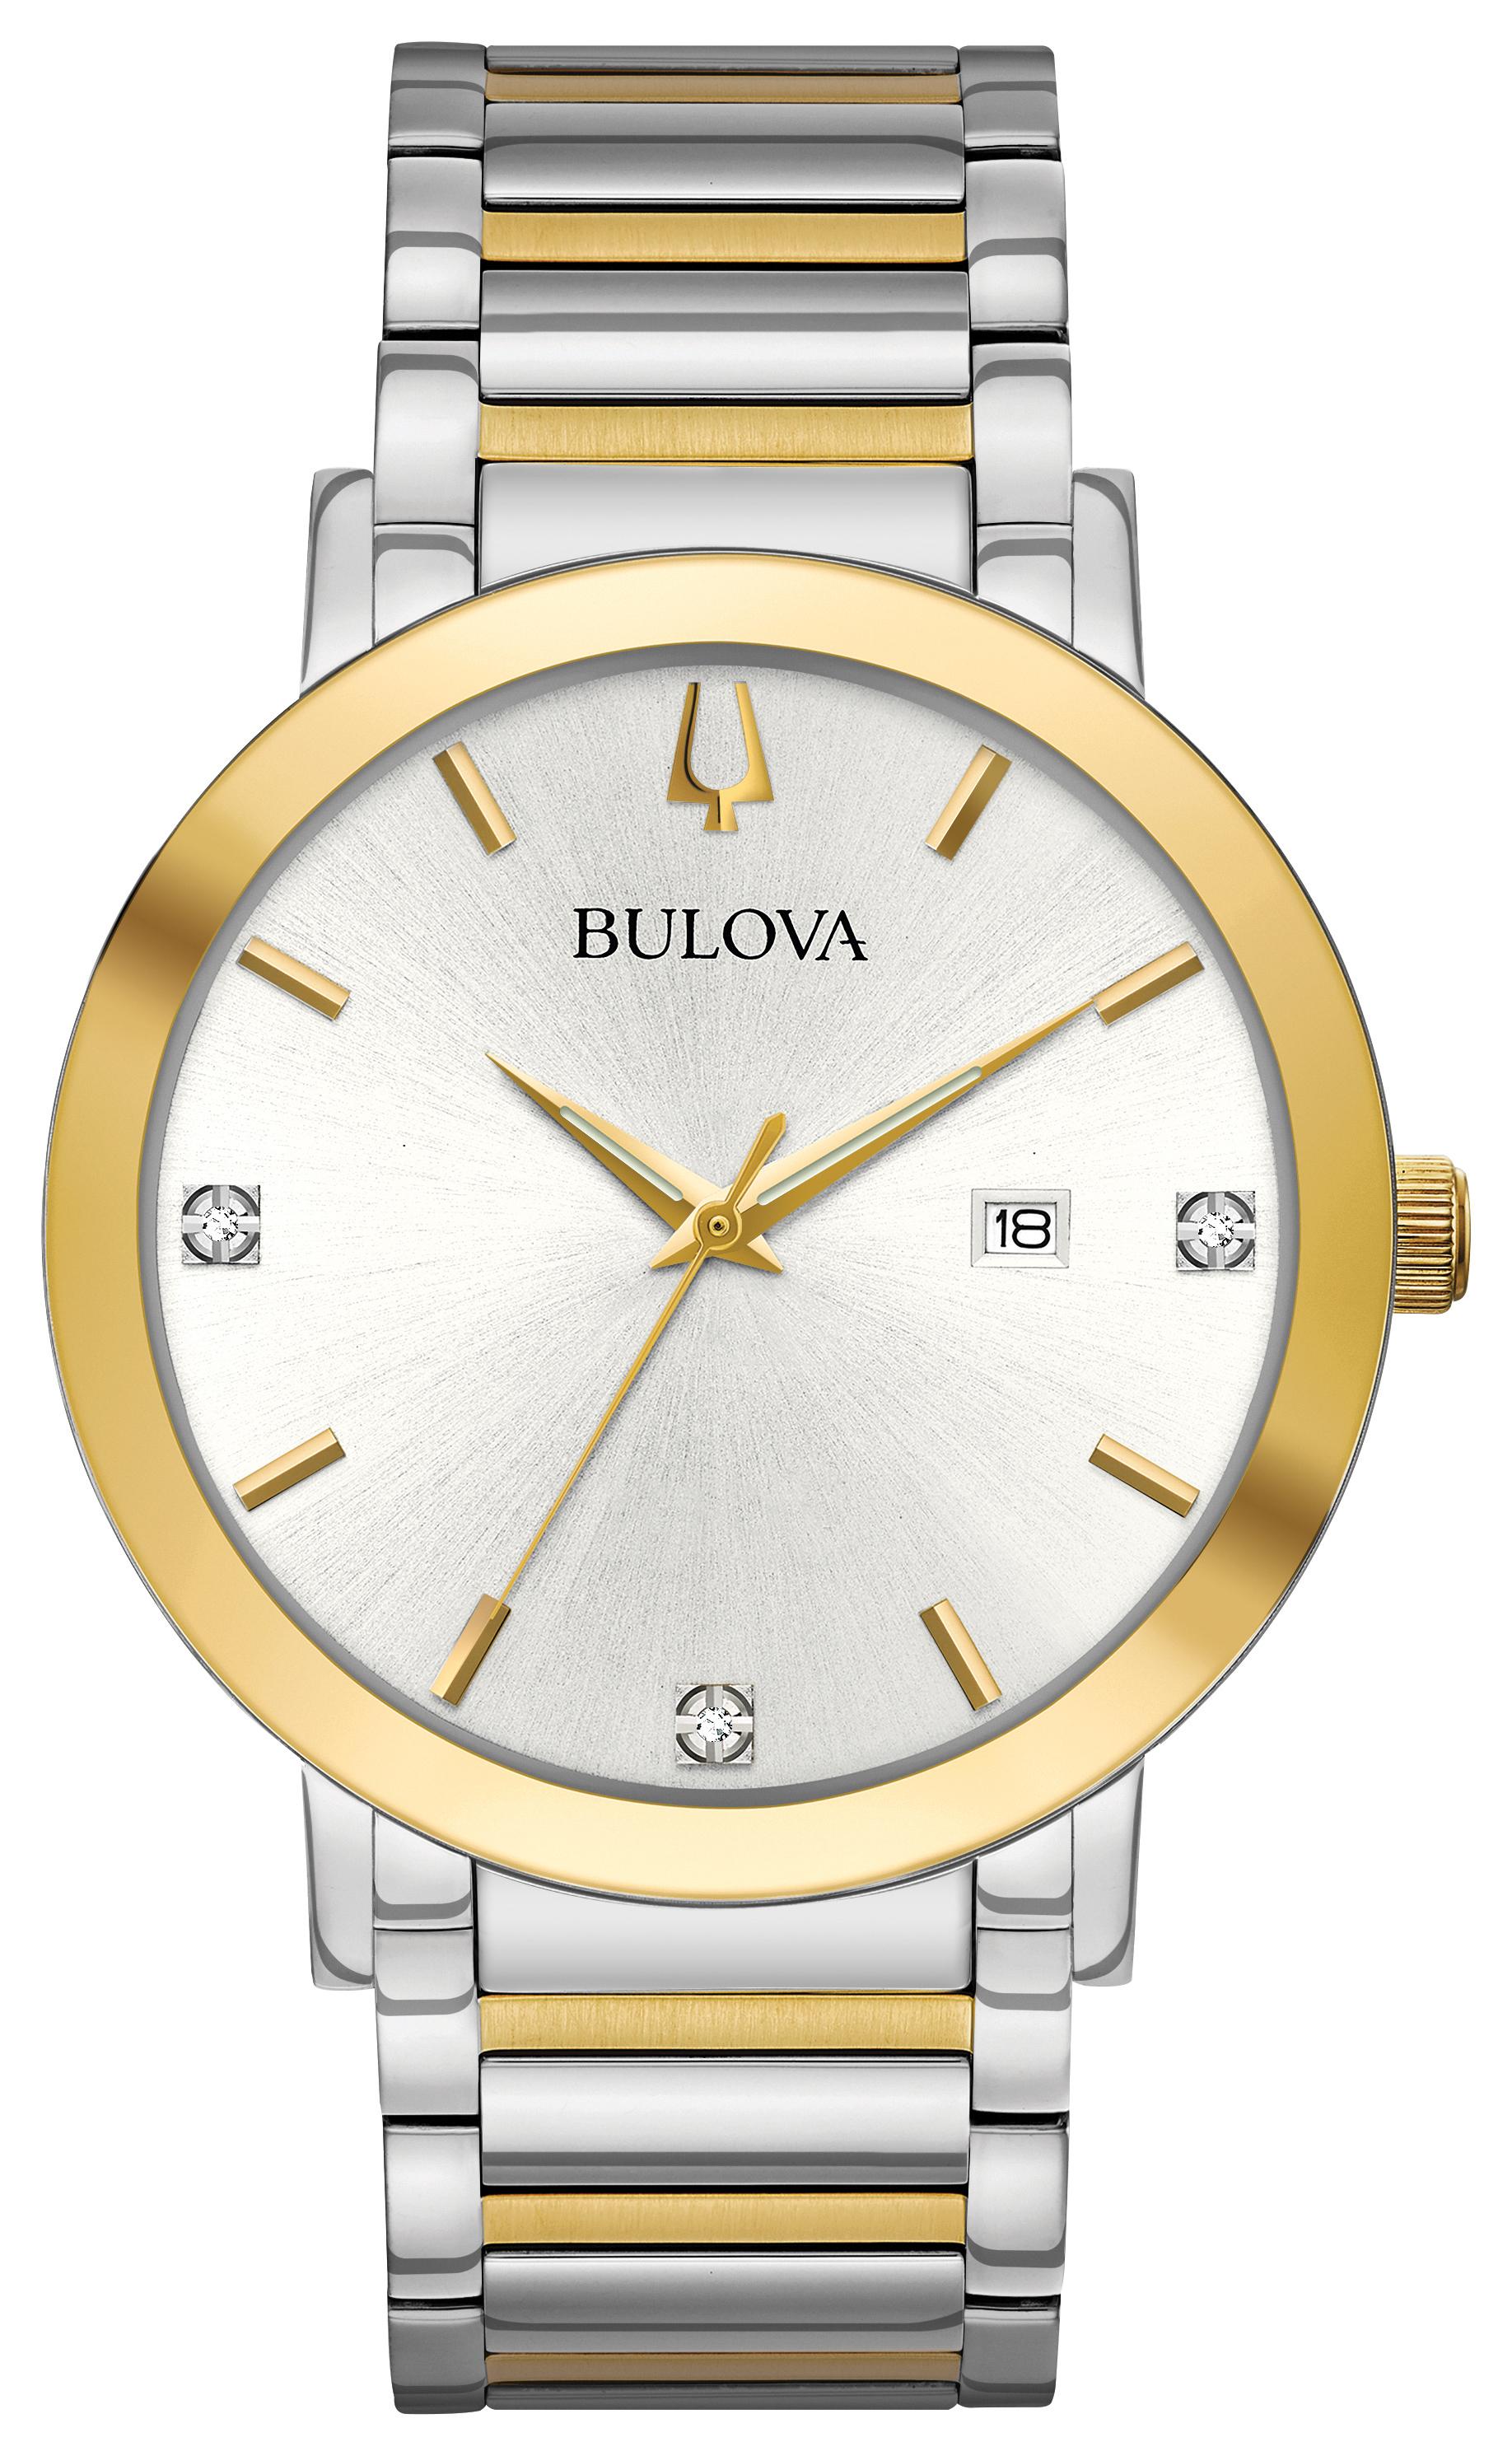 Montre Bulova pour homme - Acier inoxydable 2 tons & Cadran blanc argenté avec 3 diamants